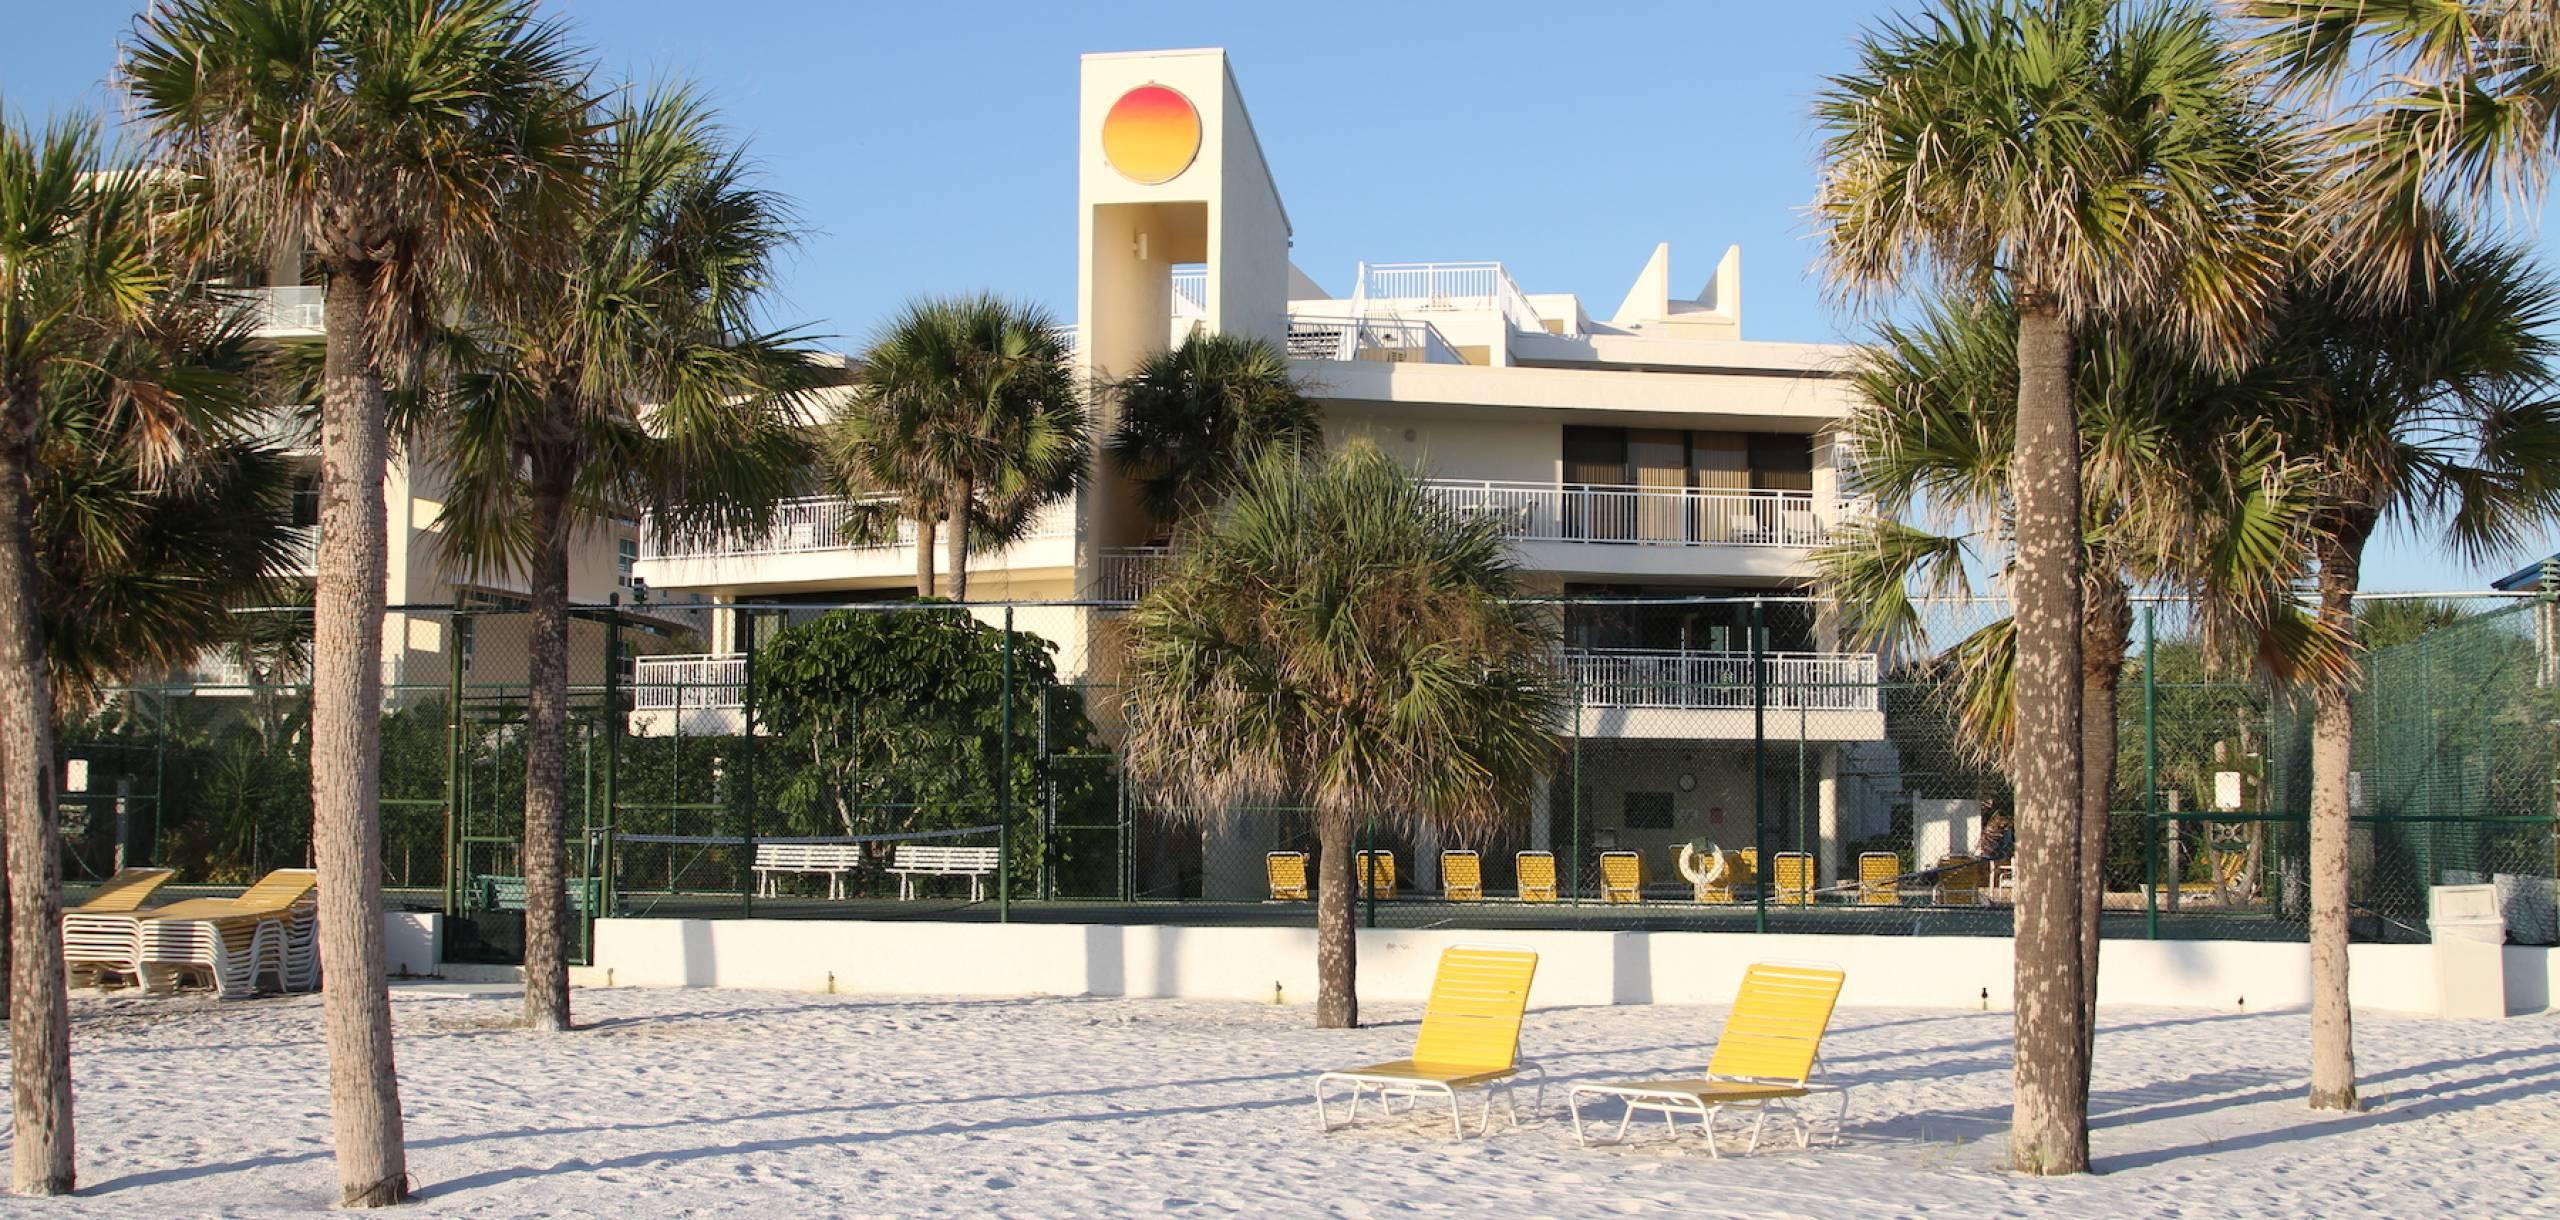 house of the sun beaches